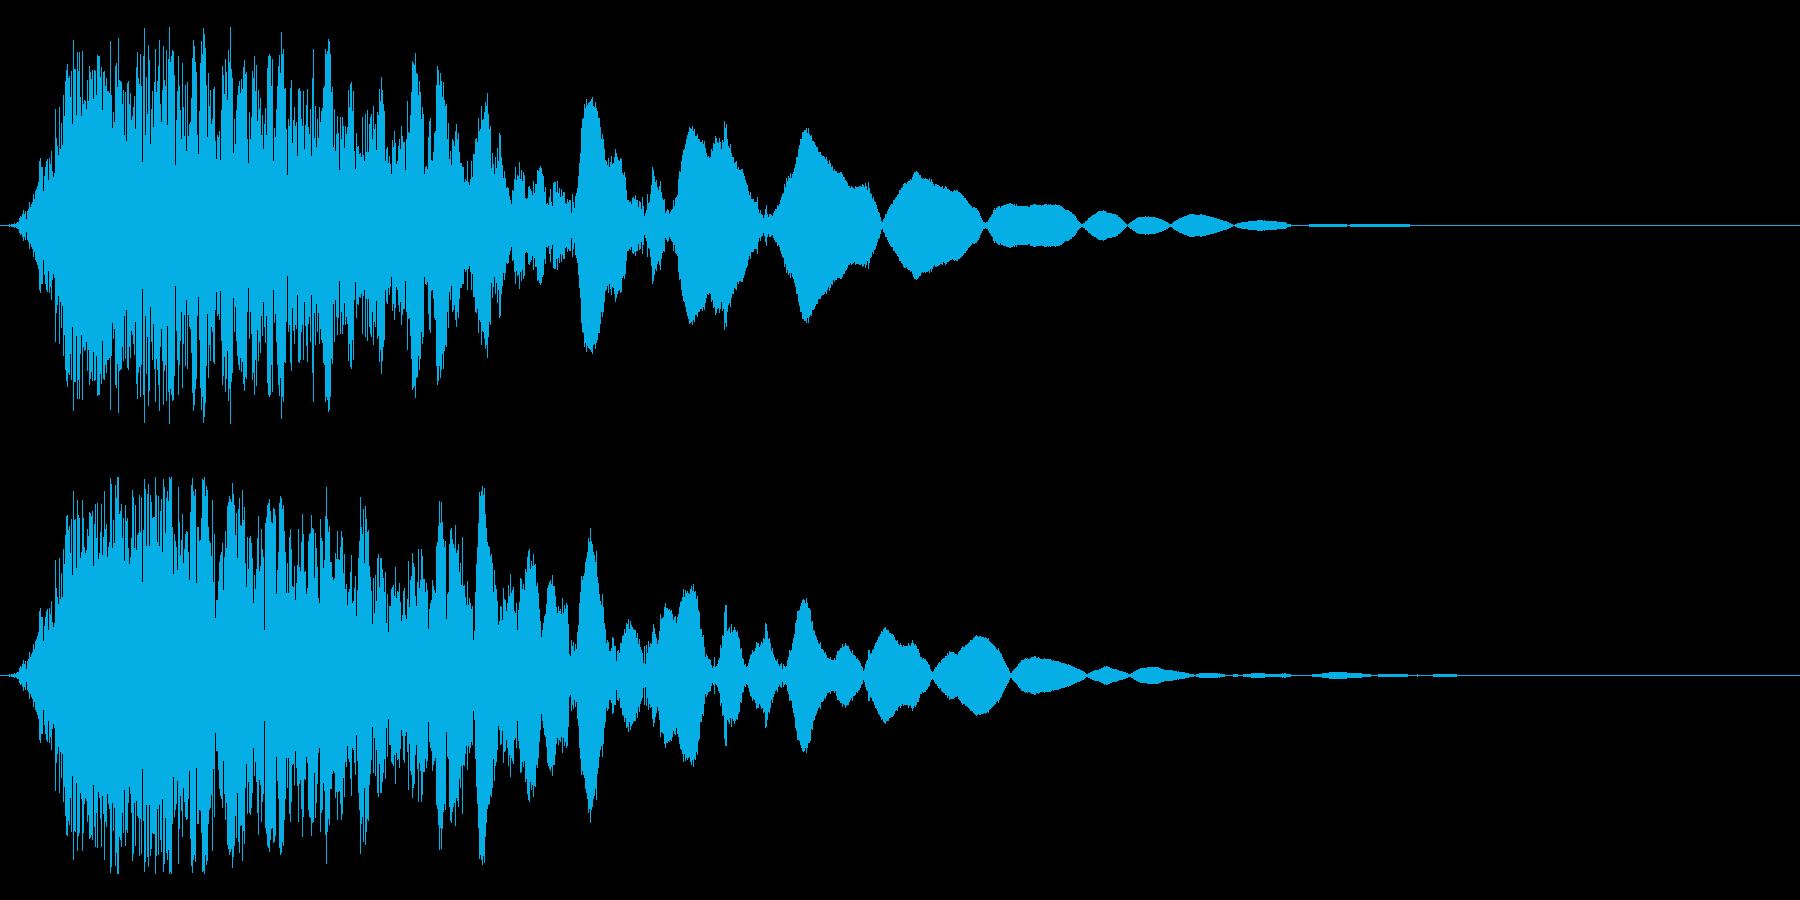 刀や剣 抜刀 斬撃の効果音 11の再生済みの波形